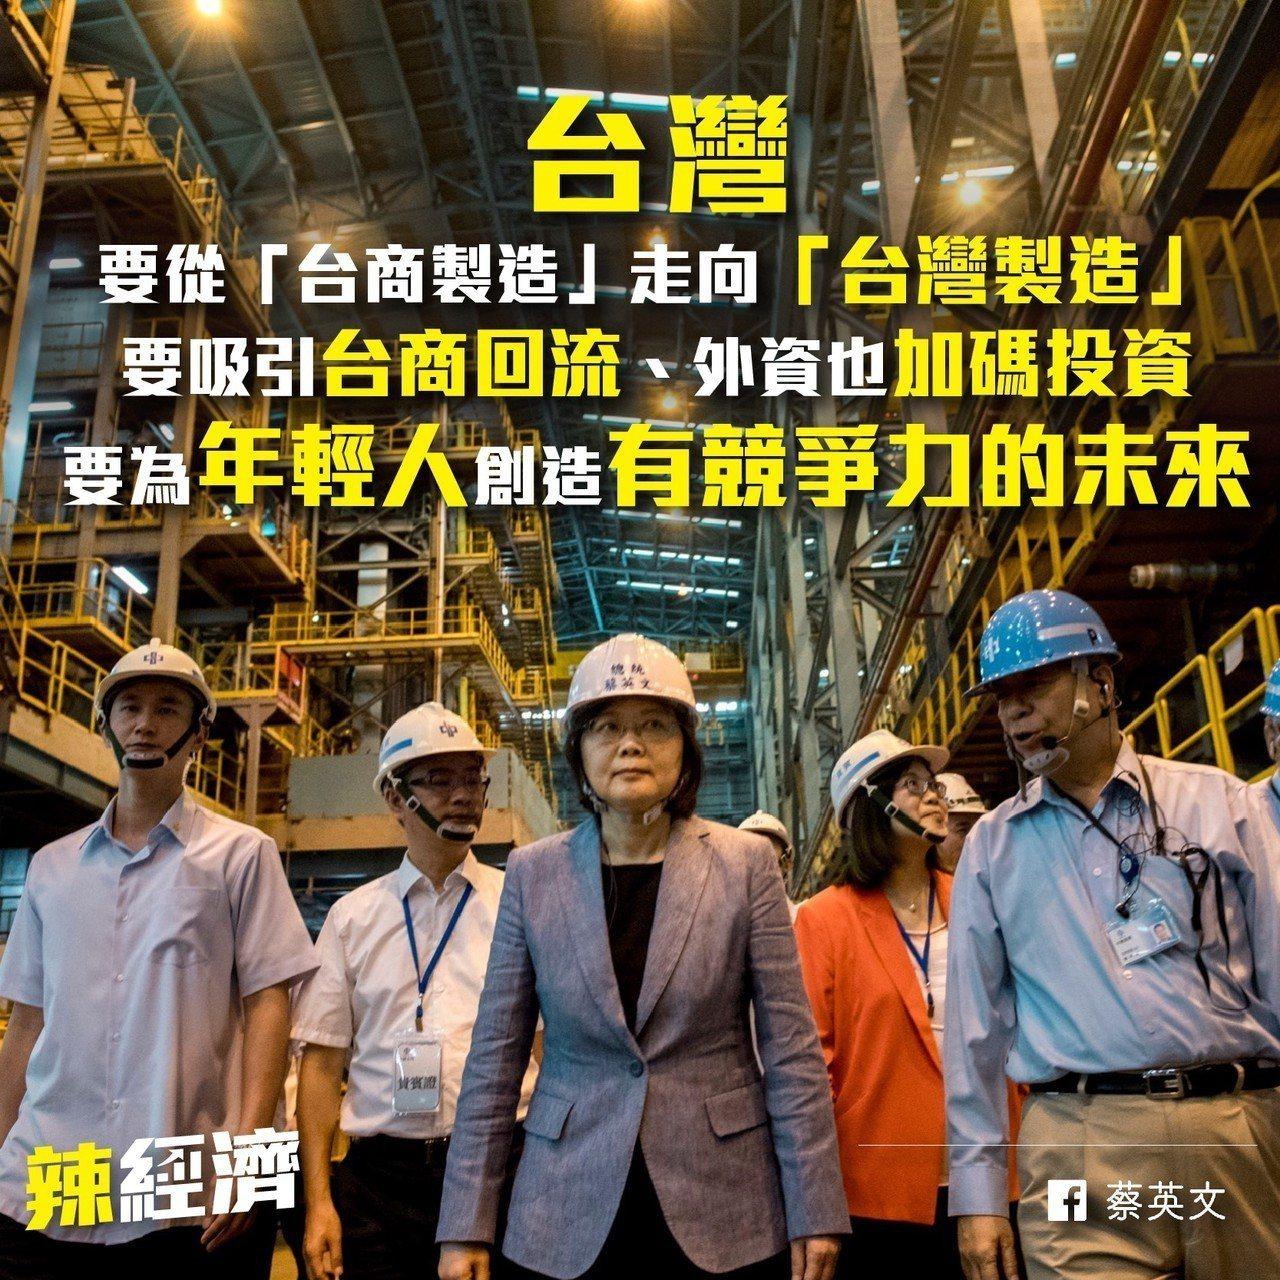 蔡英文總統分享辣經濟。圖/取自臉書